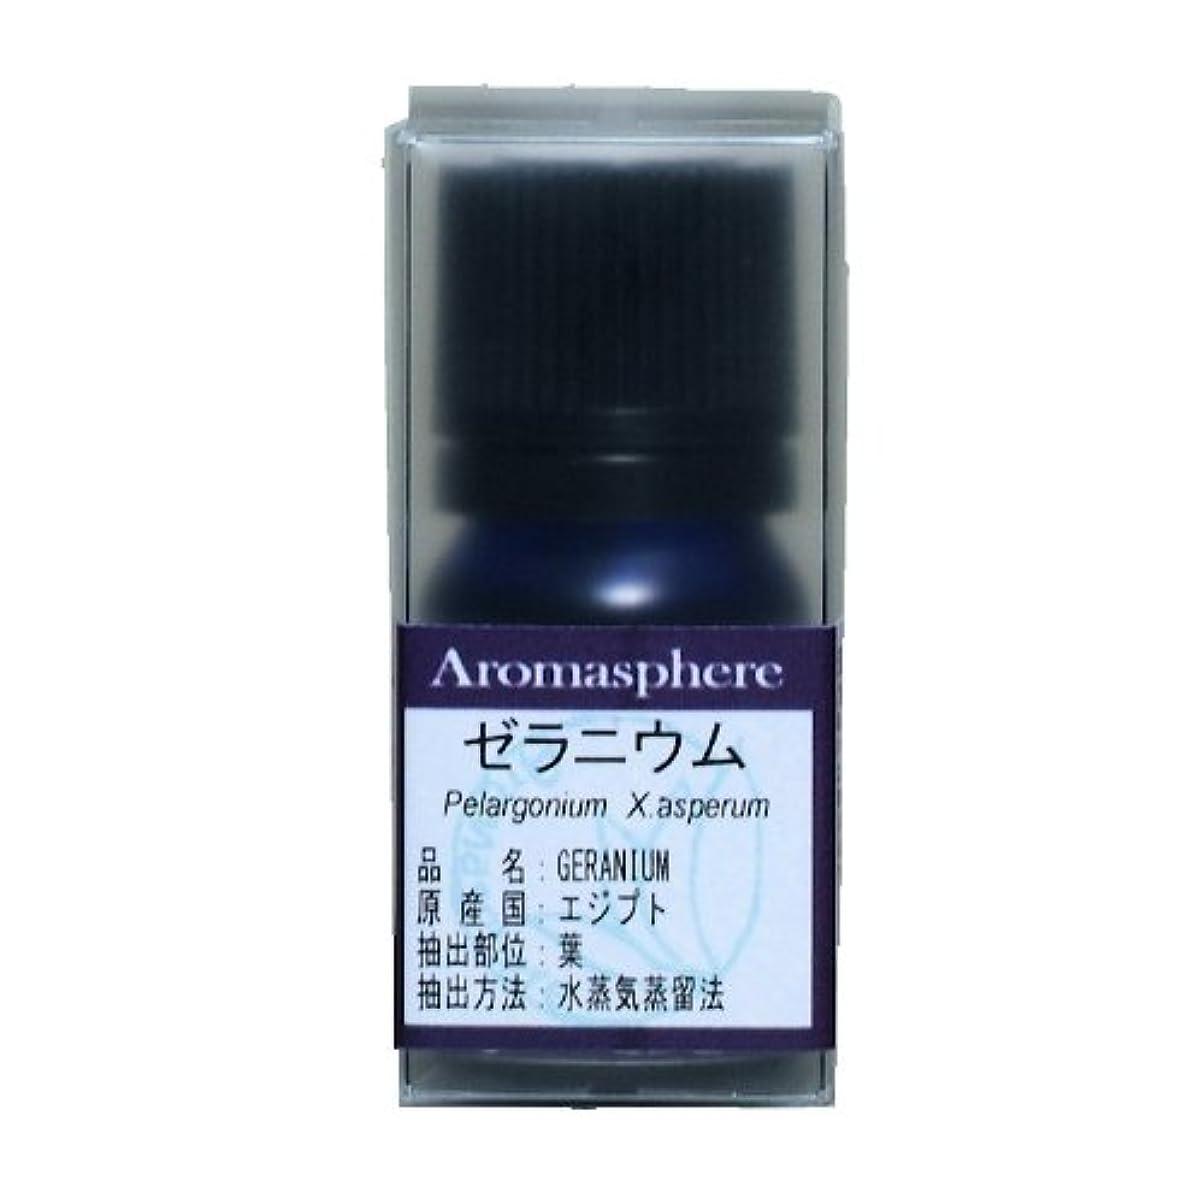 主観的望遠鏡妖精【アロマスフィア】ゼラニウム 5ml エッセンシャルオイル(精油)